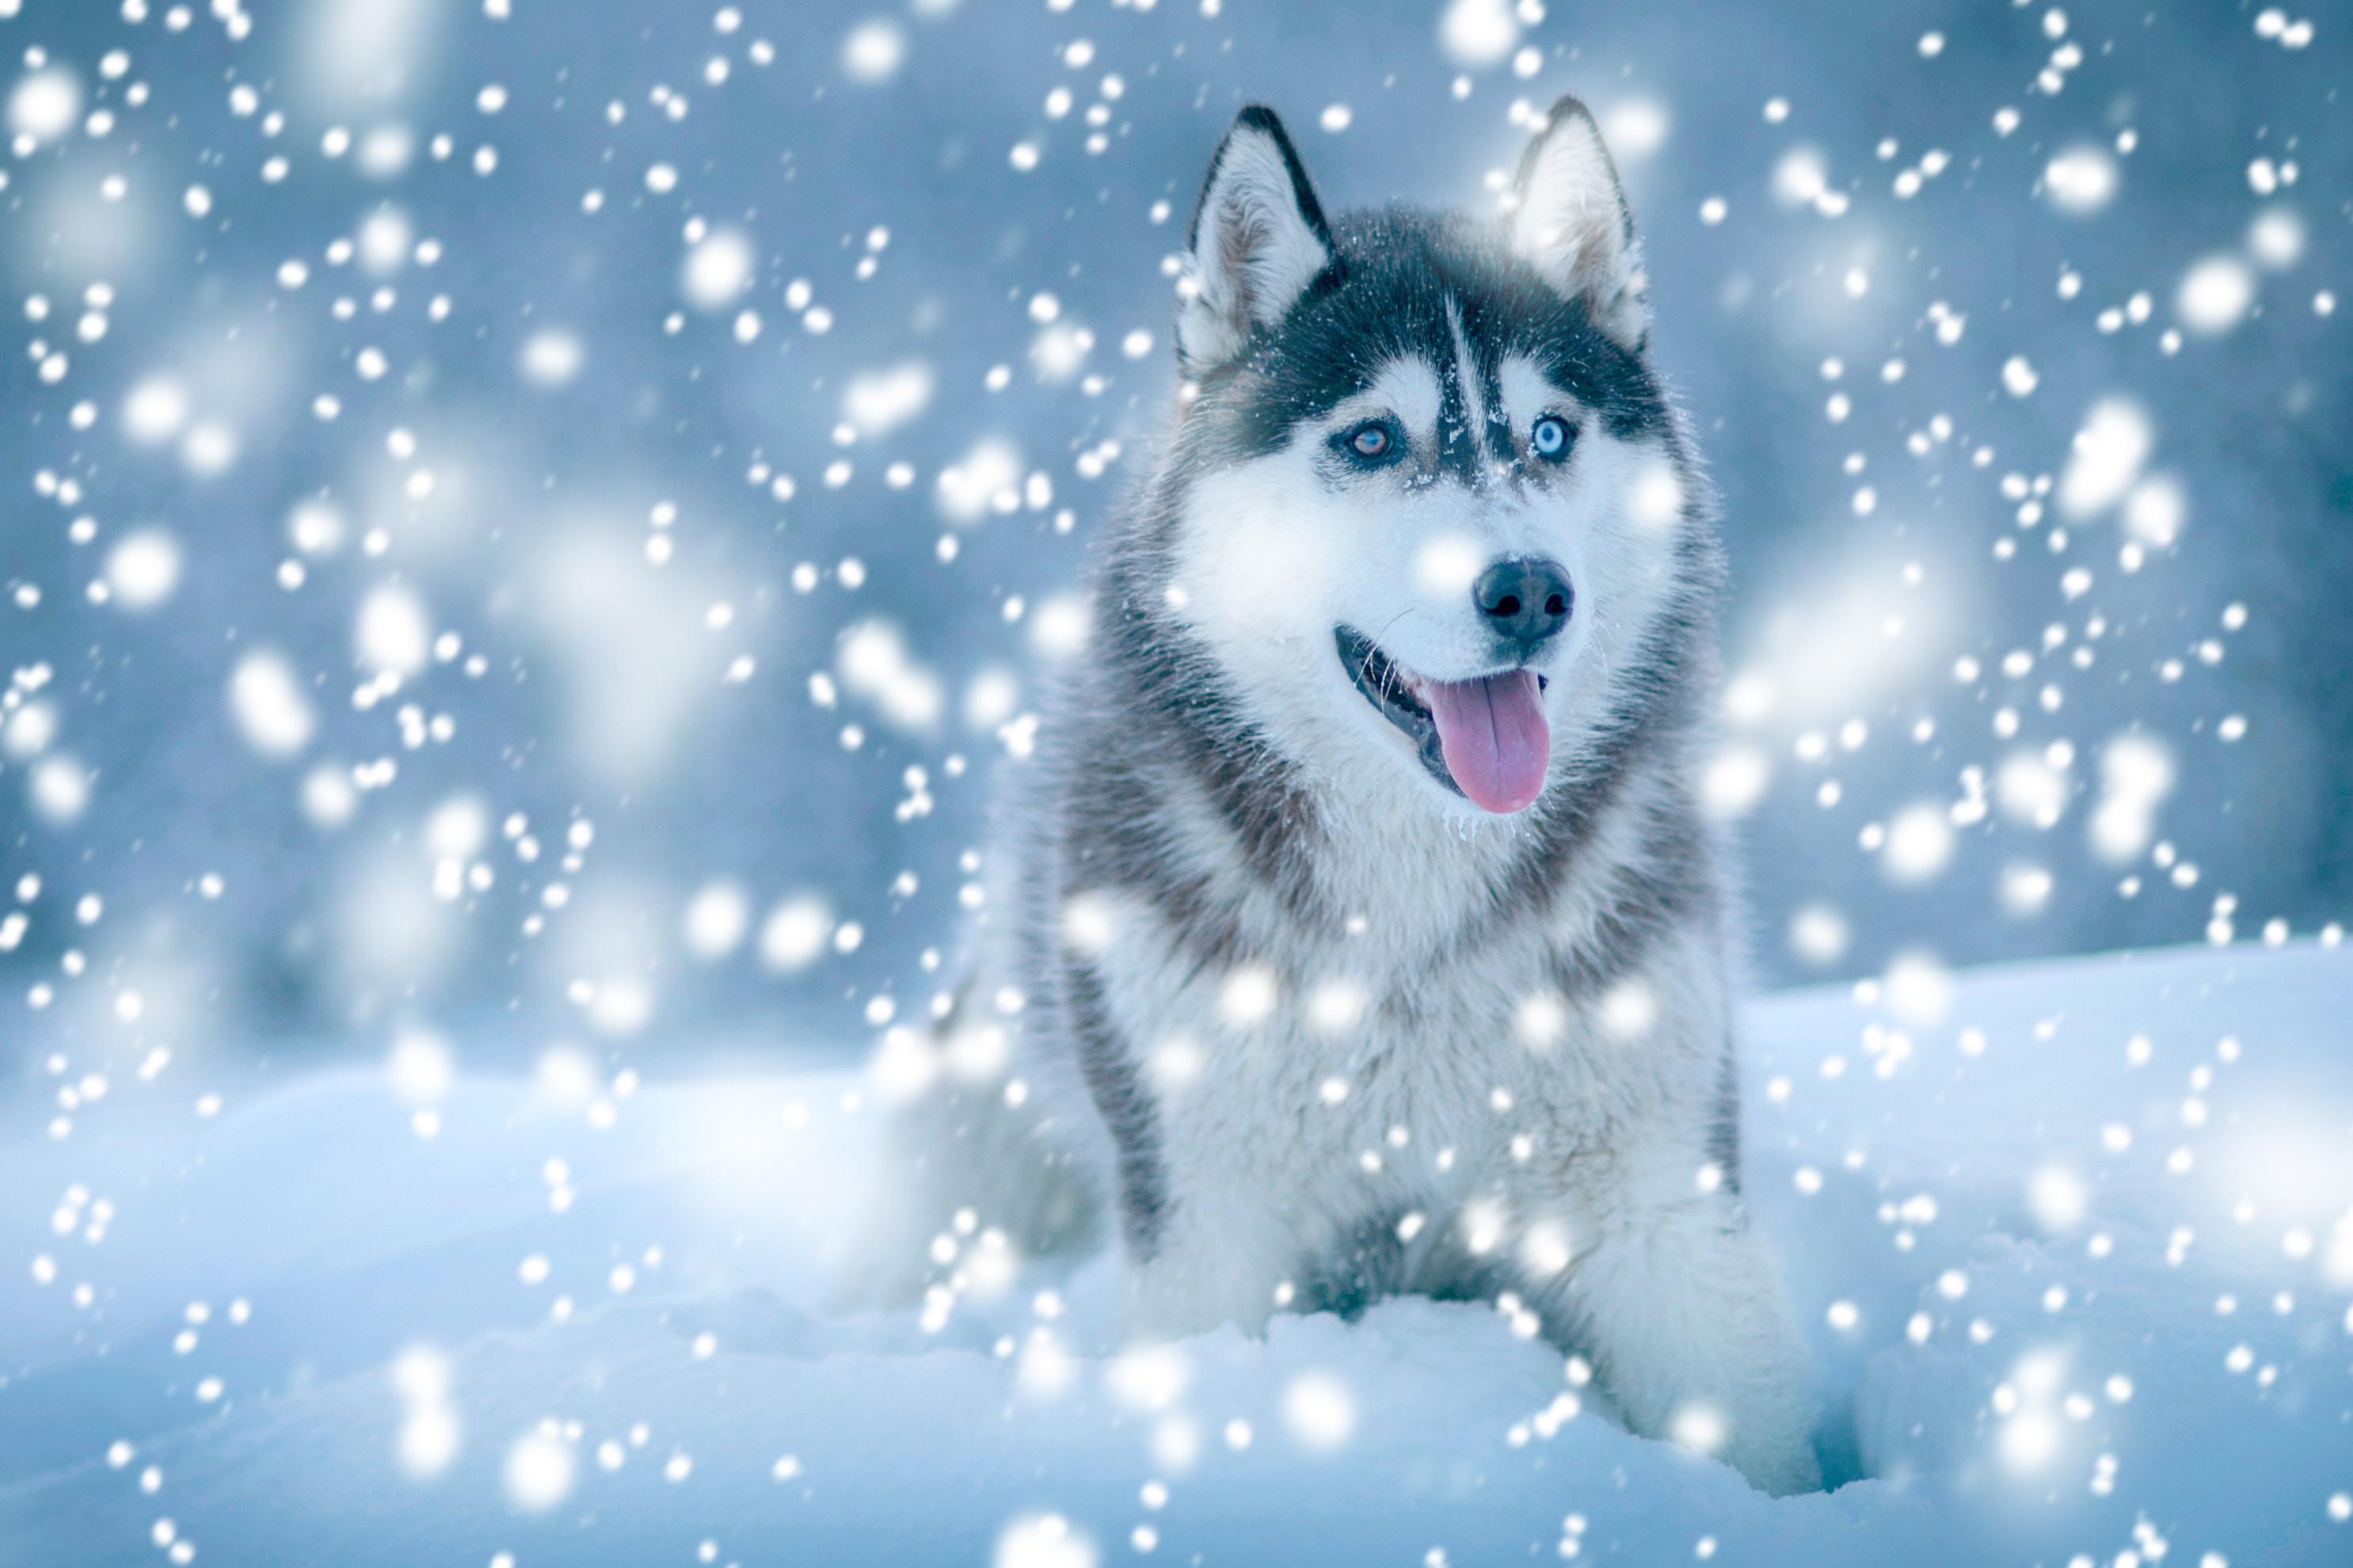 snowtutafter